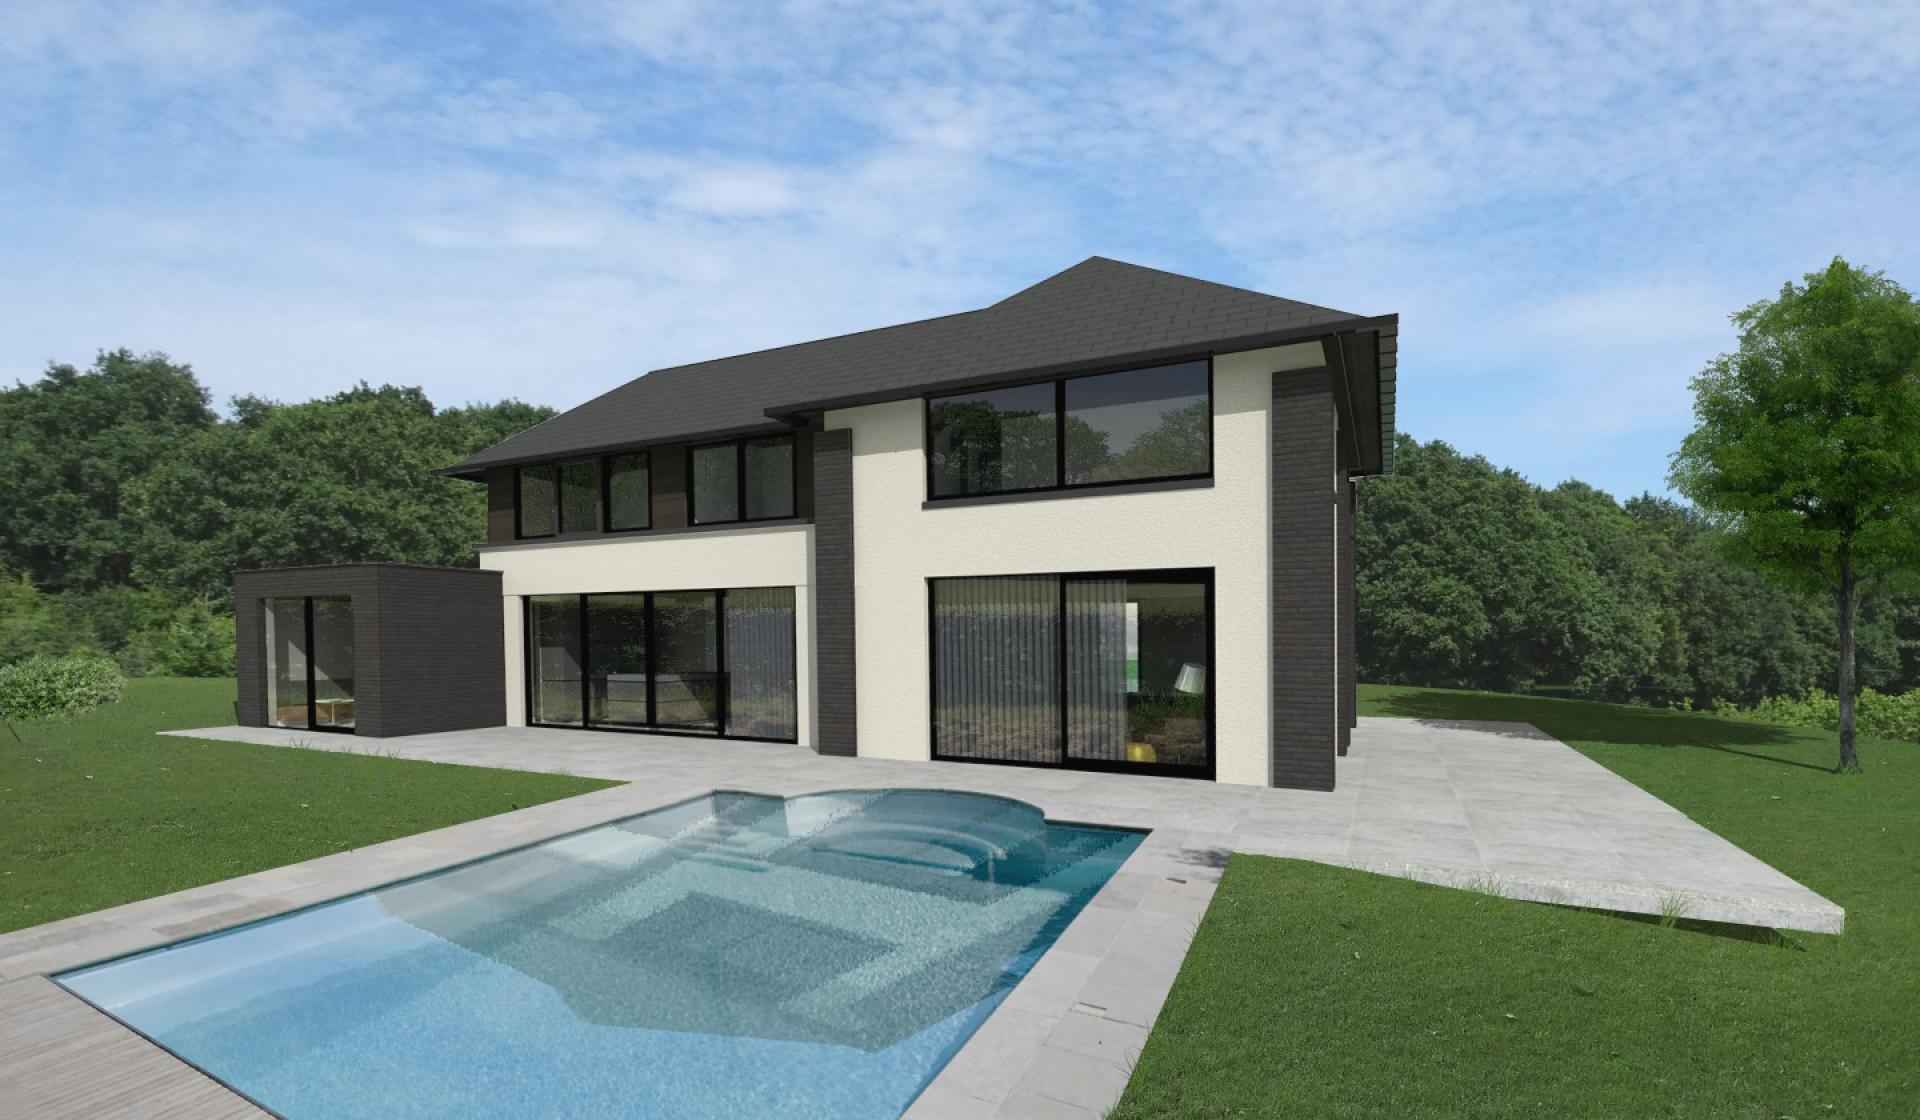 Eigentijds landhuis nabij Arnhem - Het Fundament Architectuur